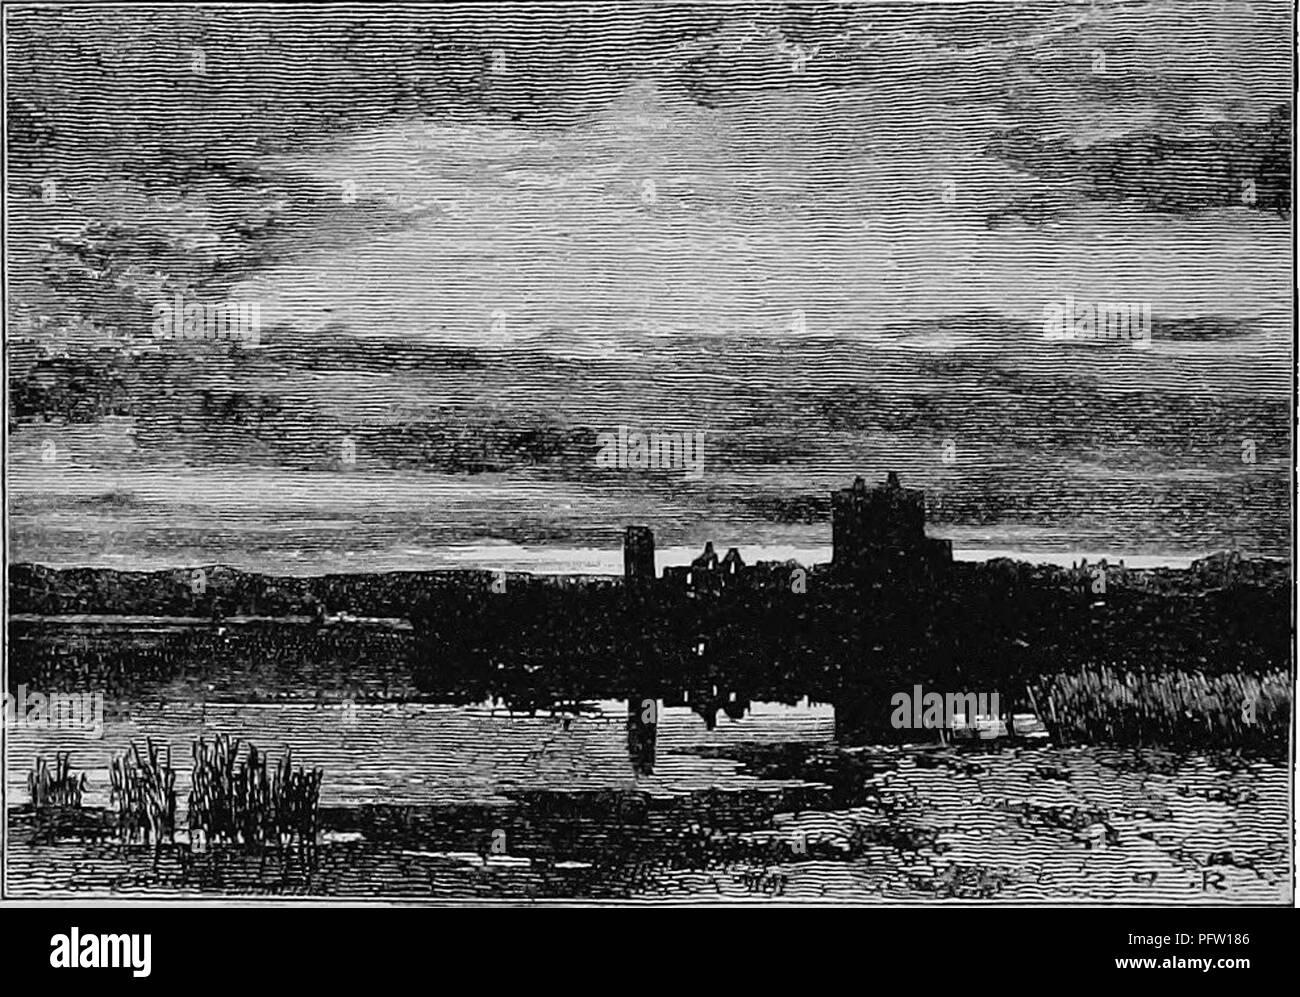 """. La vida de un naturalista escocés: Thomas Edward, asociado de la sociedad Lineo. 310 El Lago de Spyrvie. [Cap. xvii. mar-playa era ni más ni menos que un verdadero basural- en-kitch."""" El Rey. El Dr. Gordon, de Bimie, cerca de Elgin, ya había encontrado una acumulación similar de conchas en el antiguo margen del lago de Spynie, anteriormente un brazo de mar. El montículo está situado en un pequeño bosque en la granja, de Brigzes.. Y LOOH SPTUIE OASTLE, había sido diezmada por su contenido después de haber sido transportados desde el centro de la pila, como el estiércol o top- vestirse para los campos colindantes. El Foto de stock"""